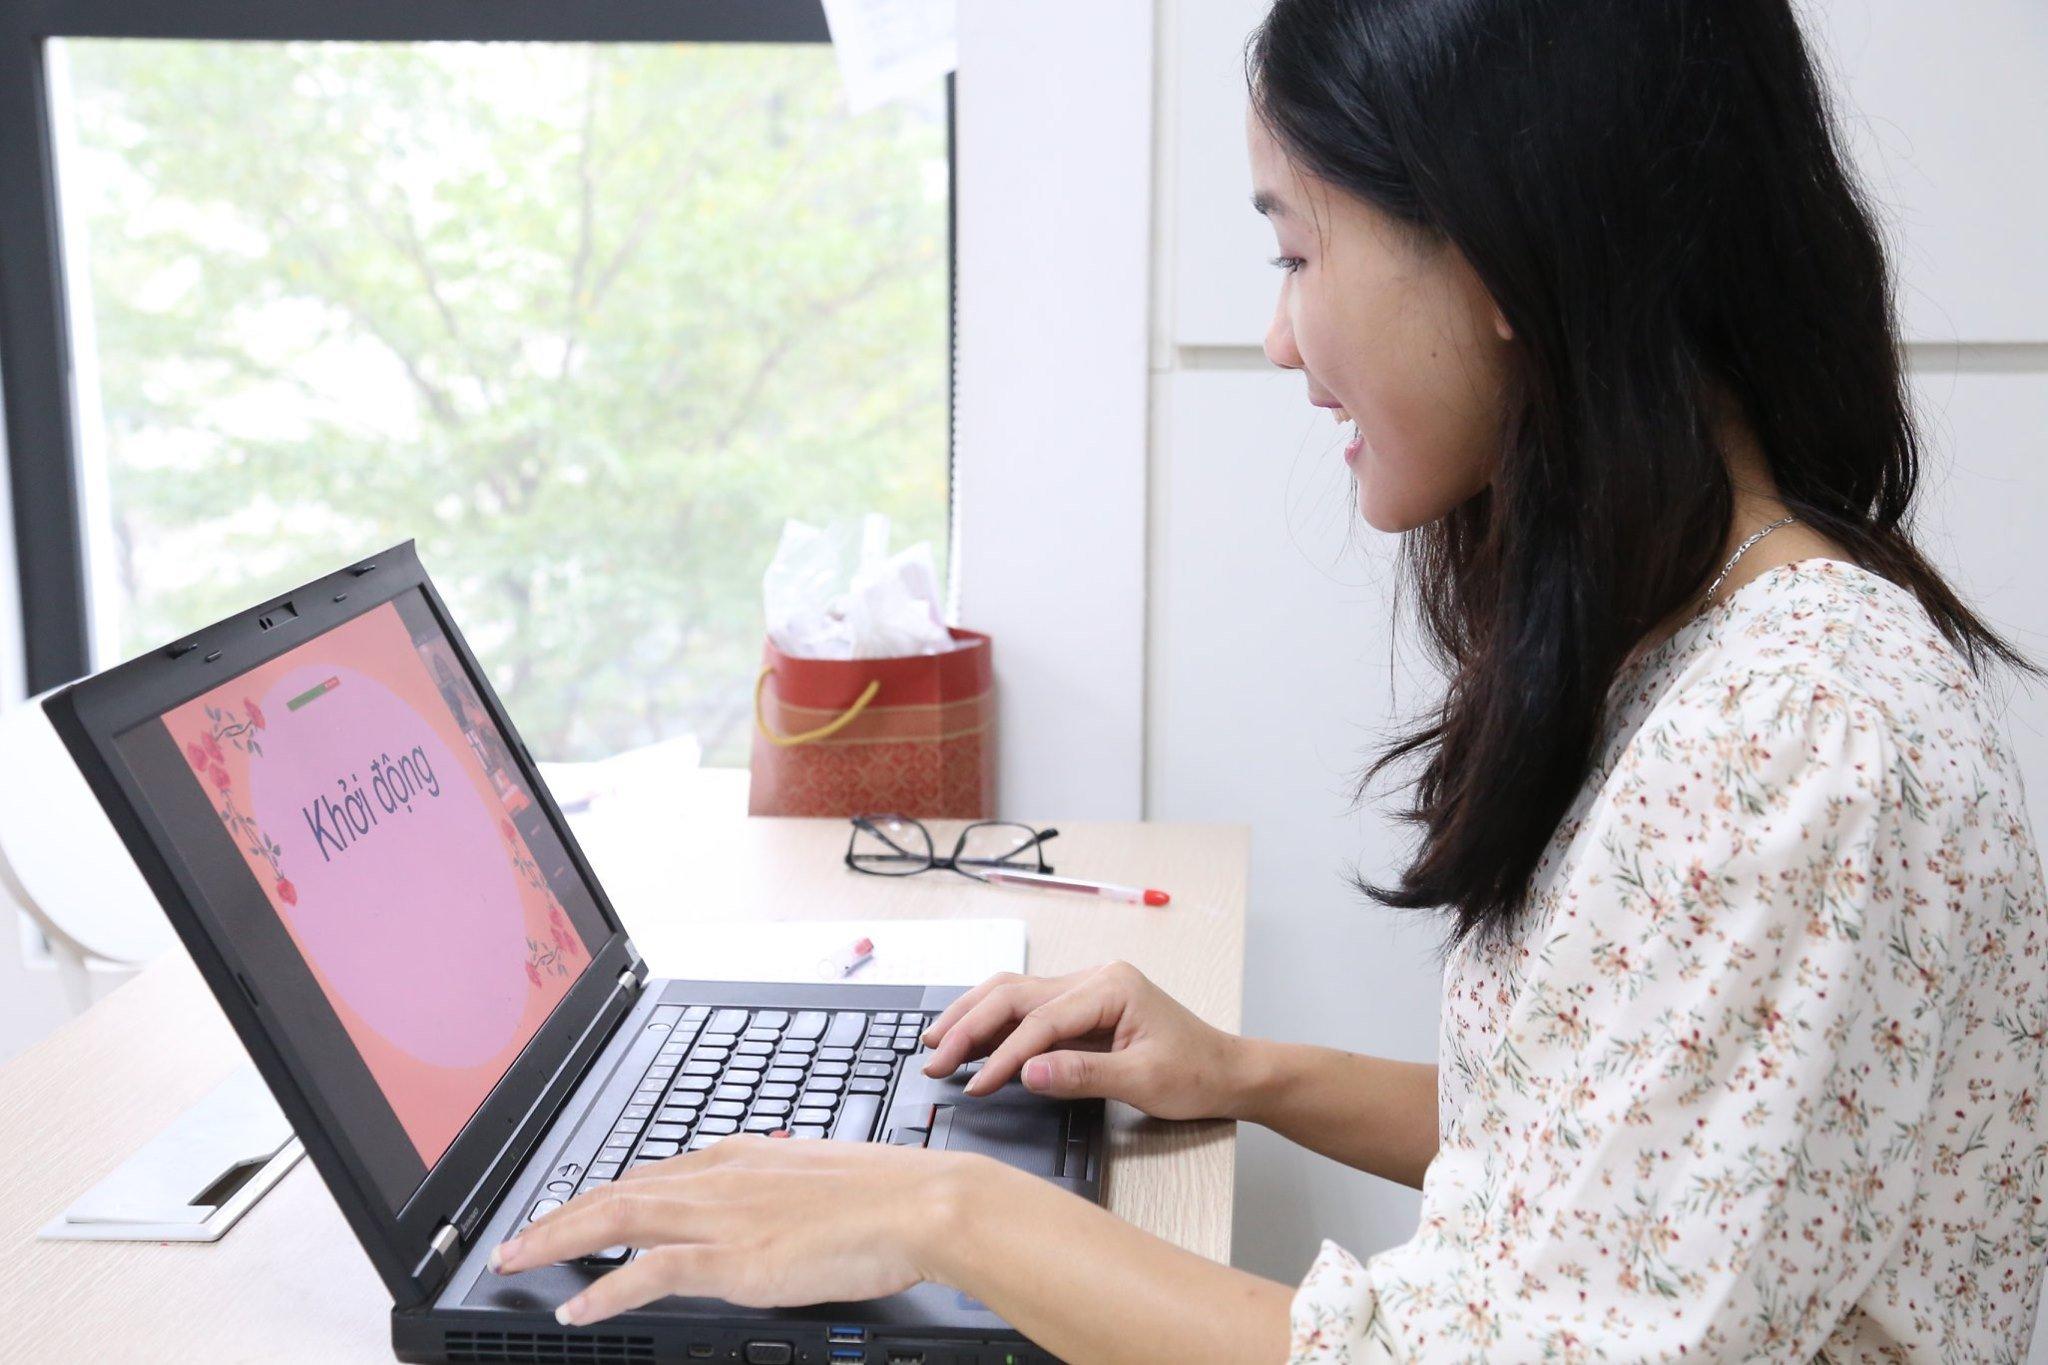 Giáo viên trường Vietschool Pandora dạy học trực tuyến hôm 2/2. Ảnh: Nhà trường cung cấp